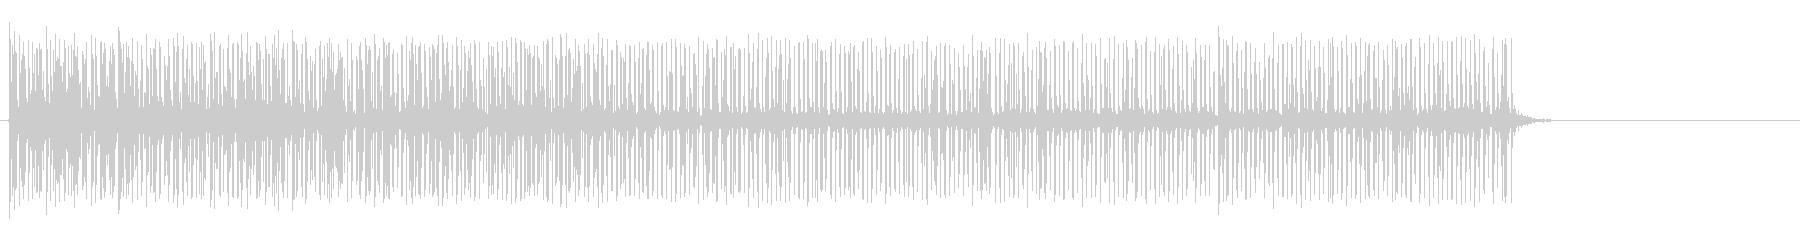 電気_バチバチ_02の未再生の波形